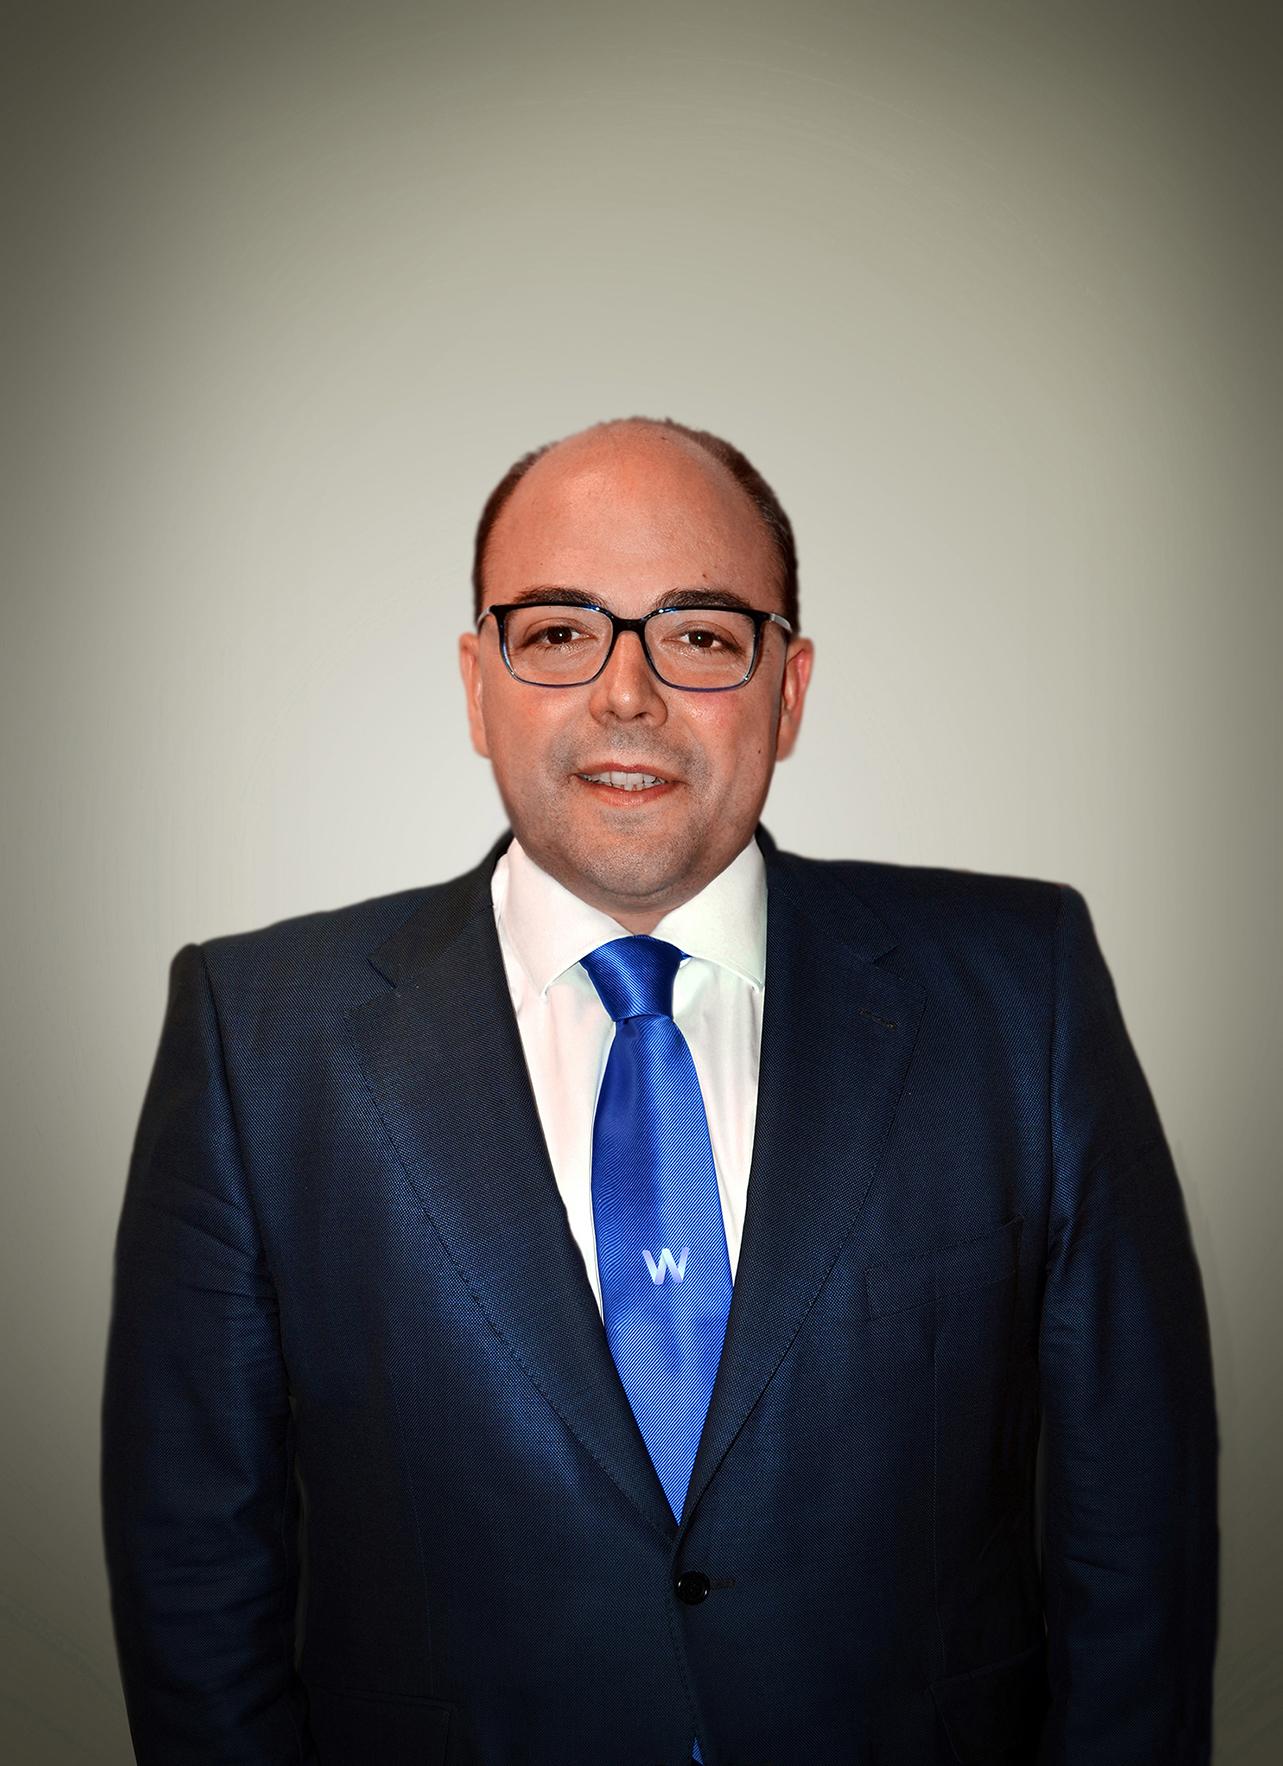 Francisco Ramón de la Fuente